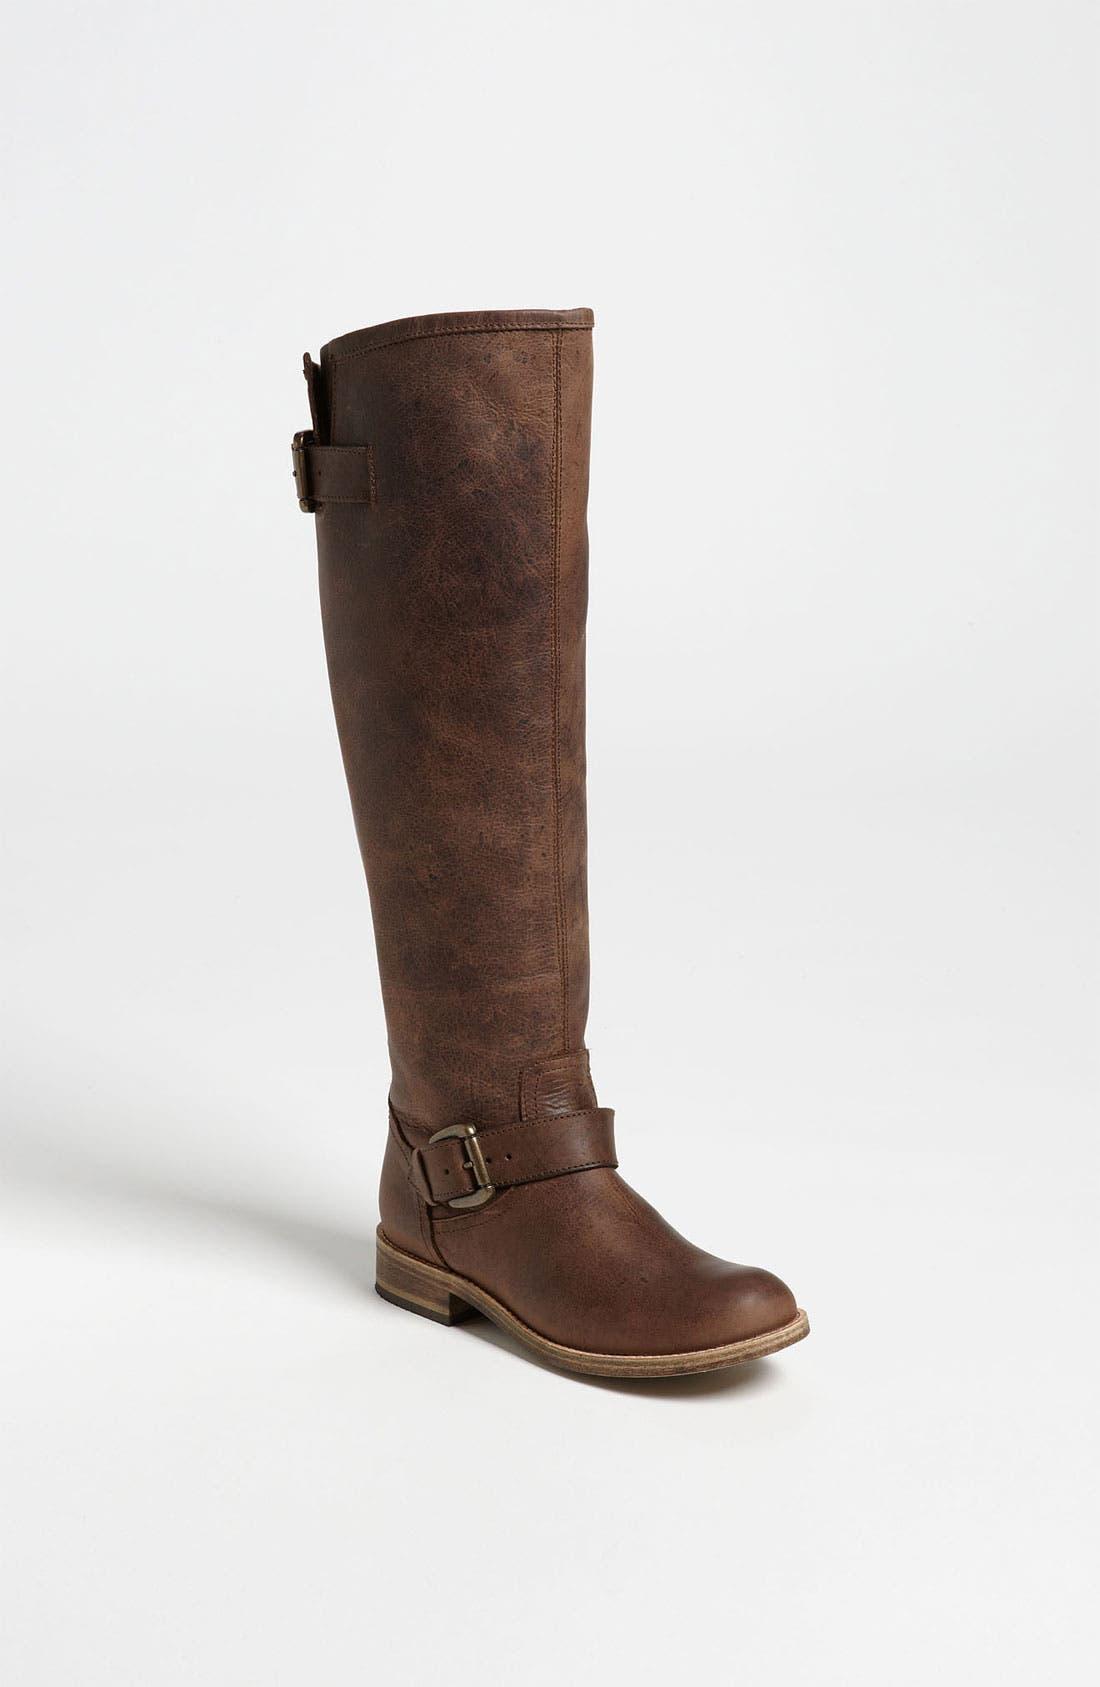 Alternate Image 1 Selected - Steve Madden 'Lynxx' Boot